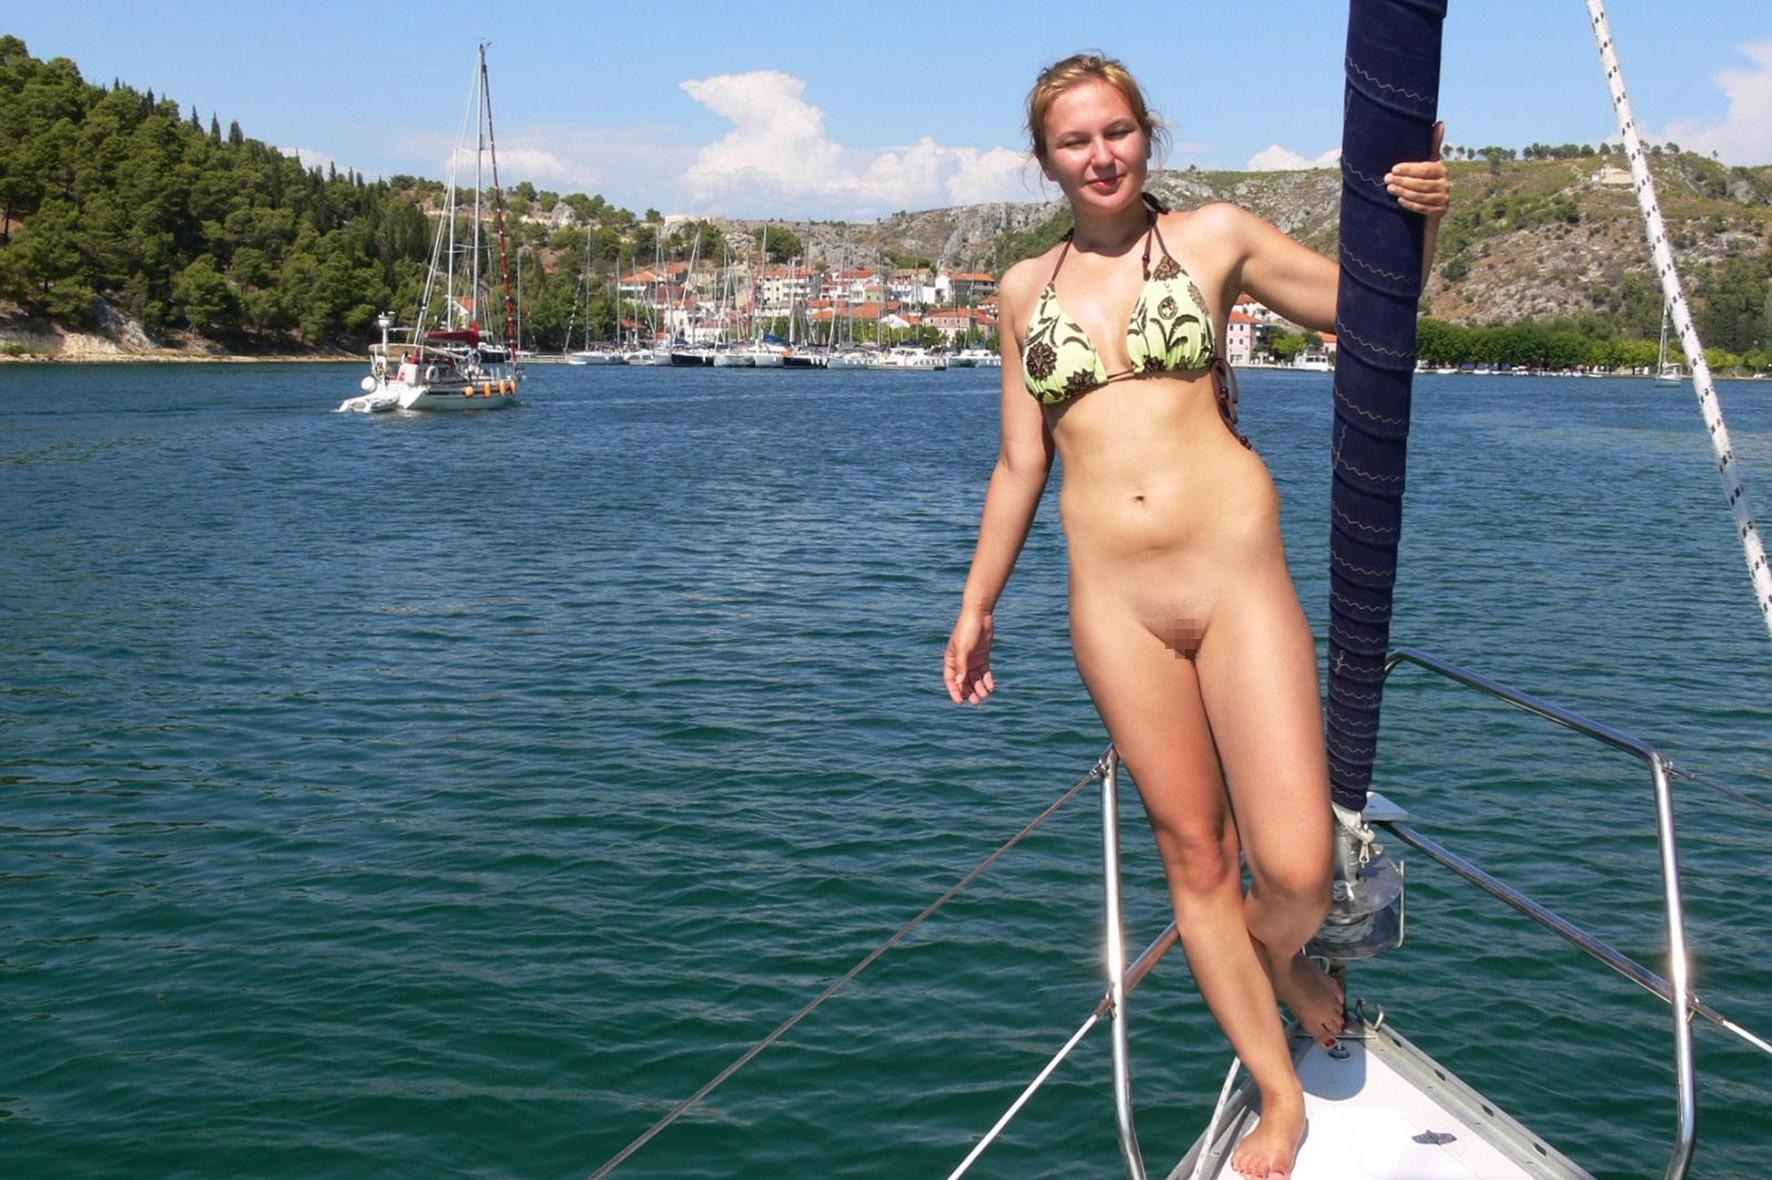 ビーチで水着のパンツを忘れたマンコさん、諦めて全力で遊ぶ好プレイwwwwwwwwwwwwwwwwwwwwwww(画像あり)・15枚目